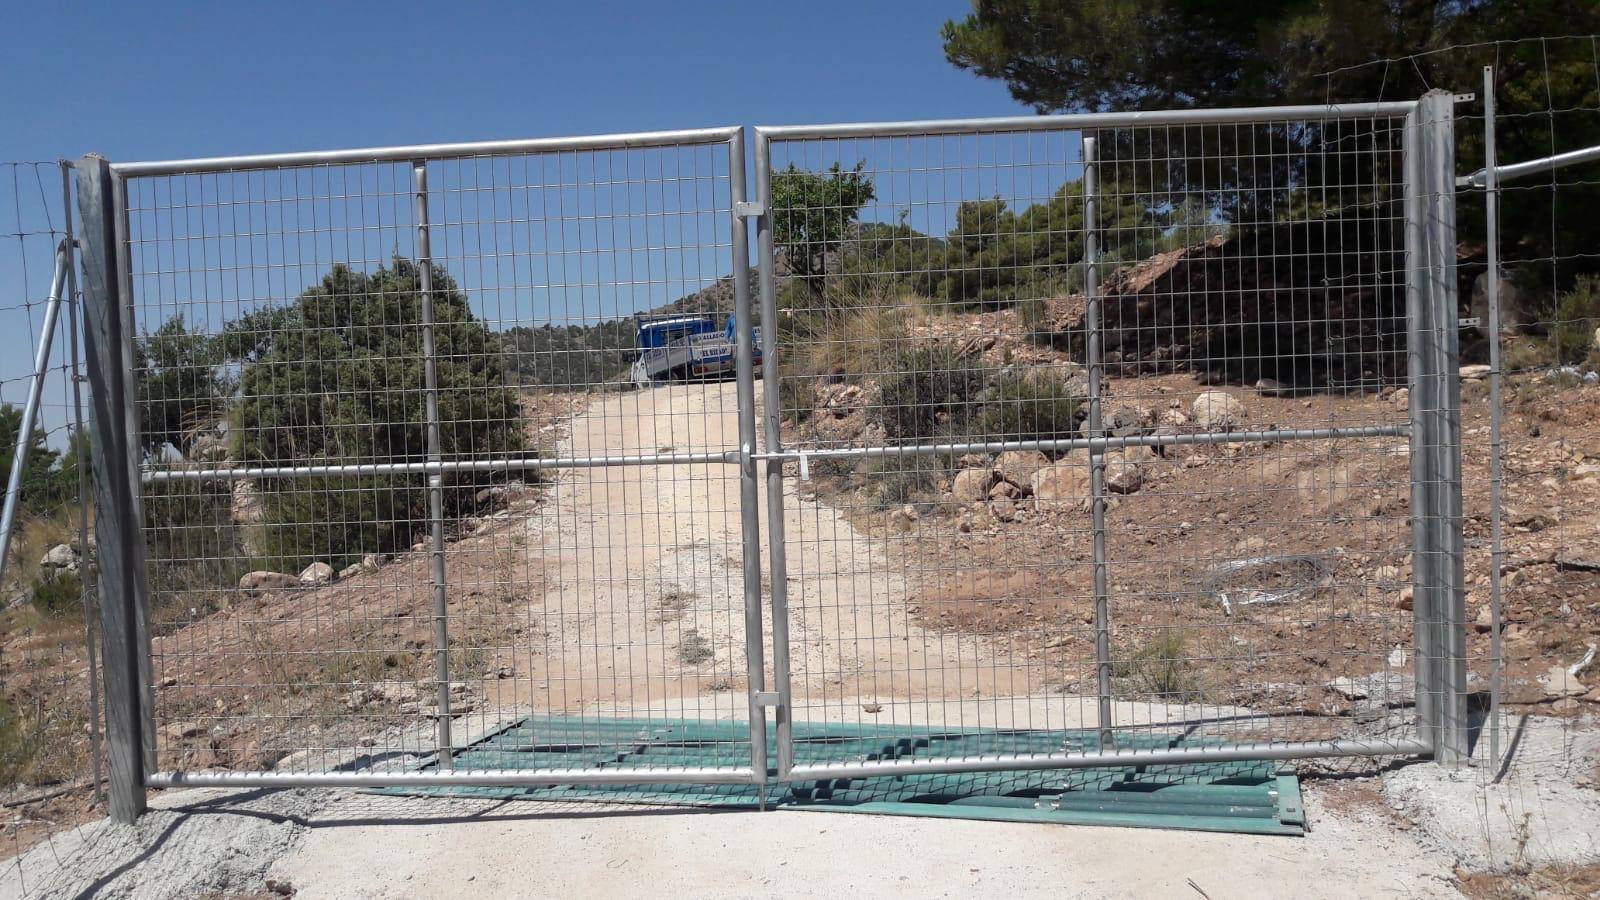 """La puerta denunciada, que """"que limita el libre paso de personas"""". Imagen: Acude"""